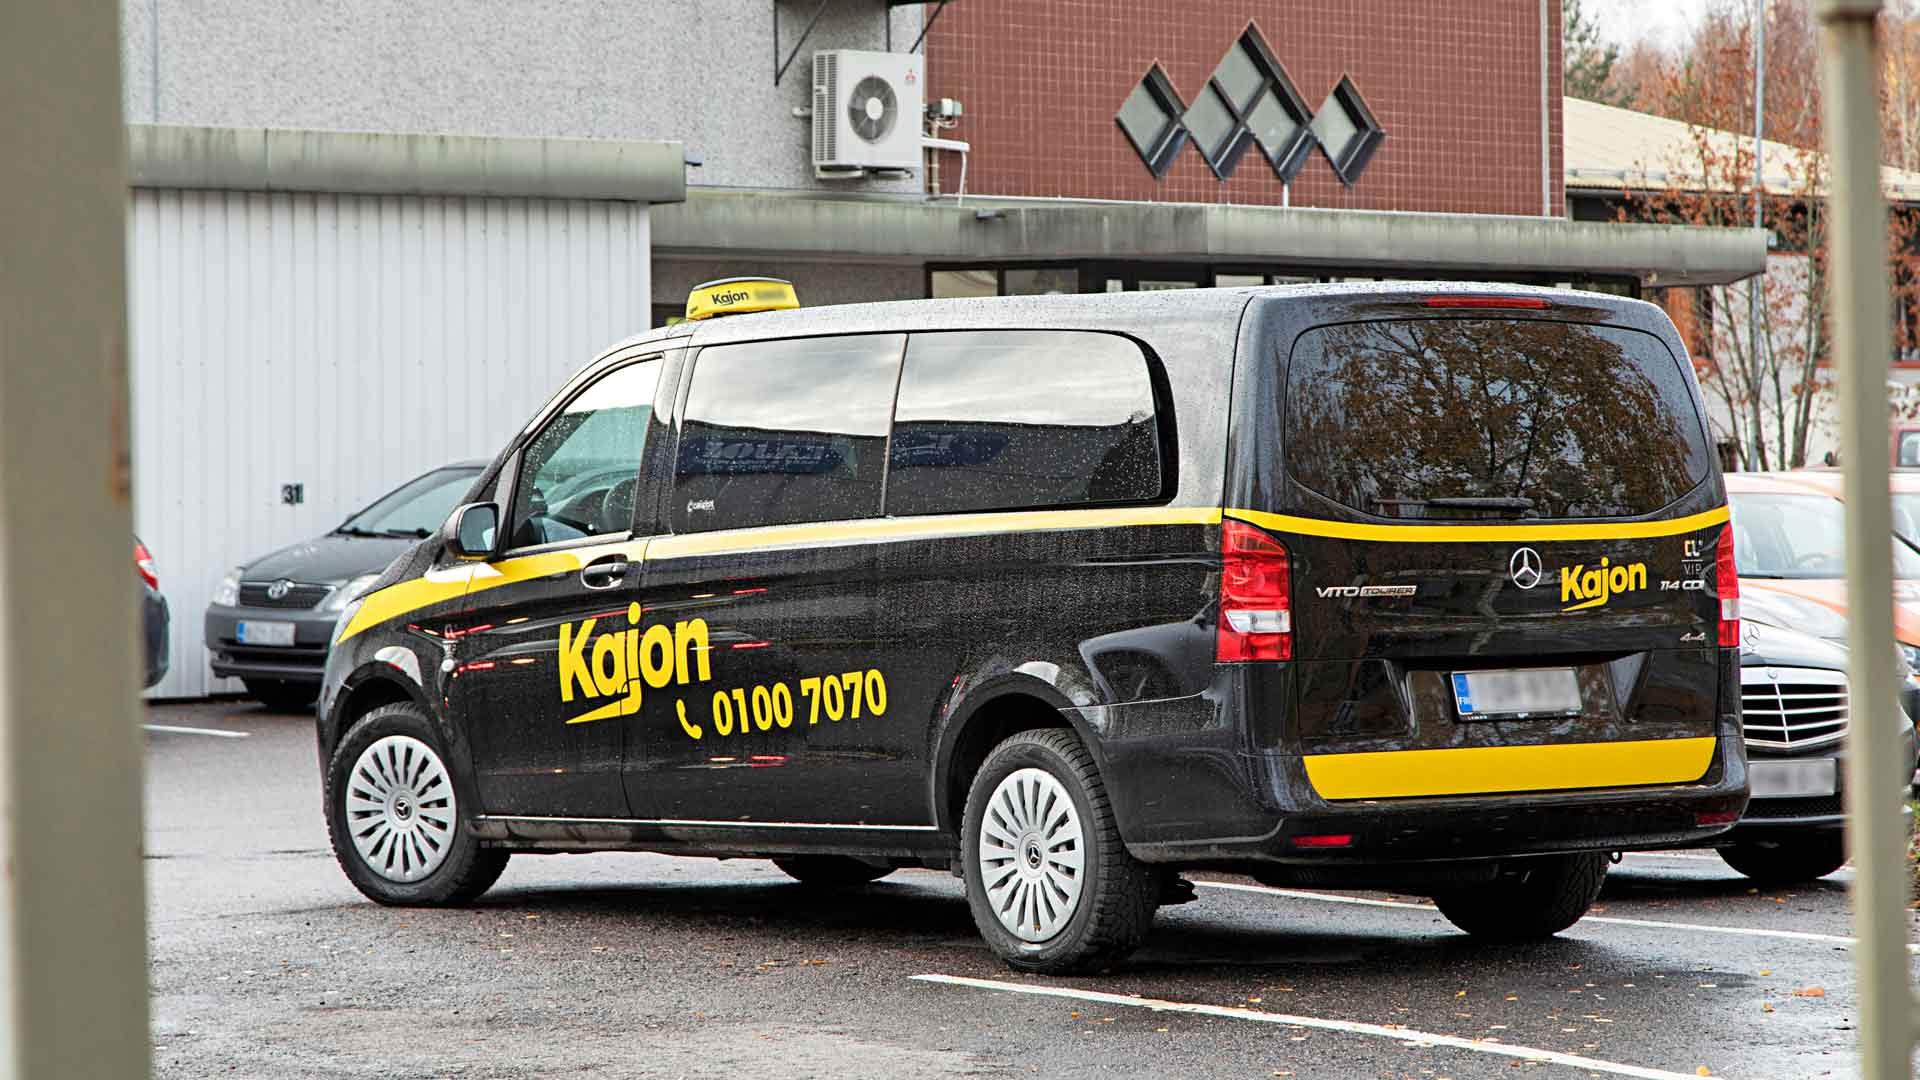 Kajonin taksikuljettajilla on yhtiöstä erilaisia kokemuksia. Jotkut ovat joutuneet hakemaan saataviaan palkkaturvan kautta, toiset ovat erittäin tyytyväisiä työhönsä.